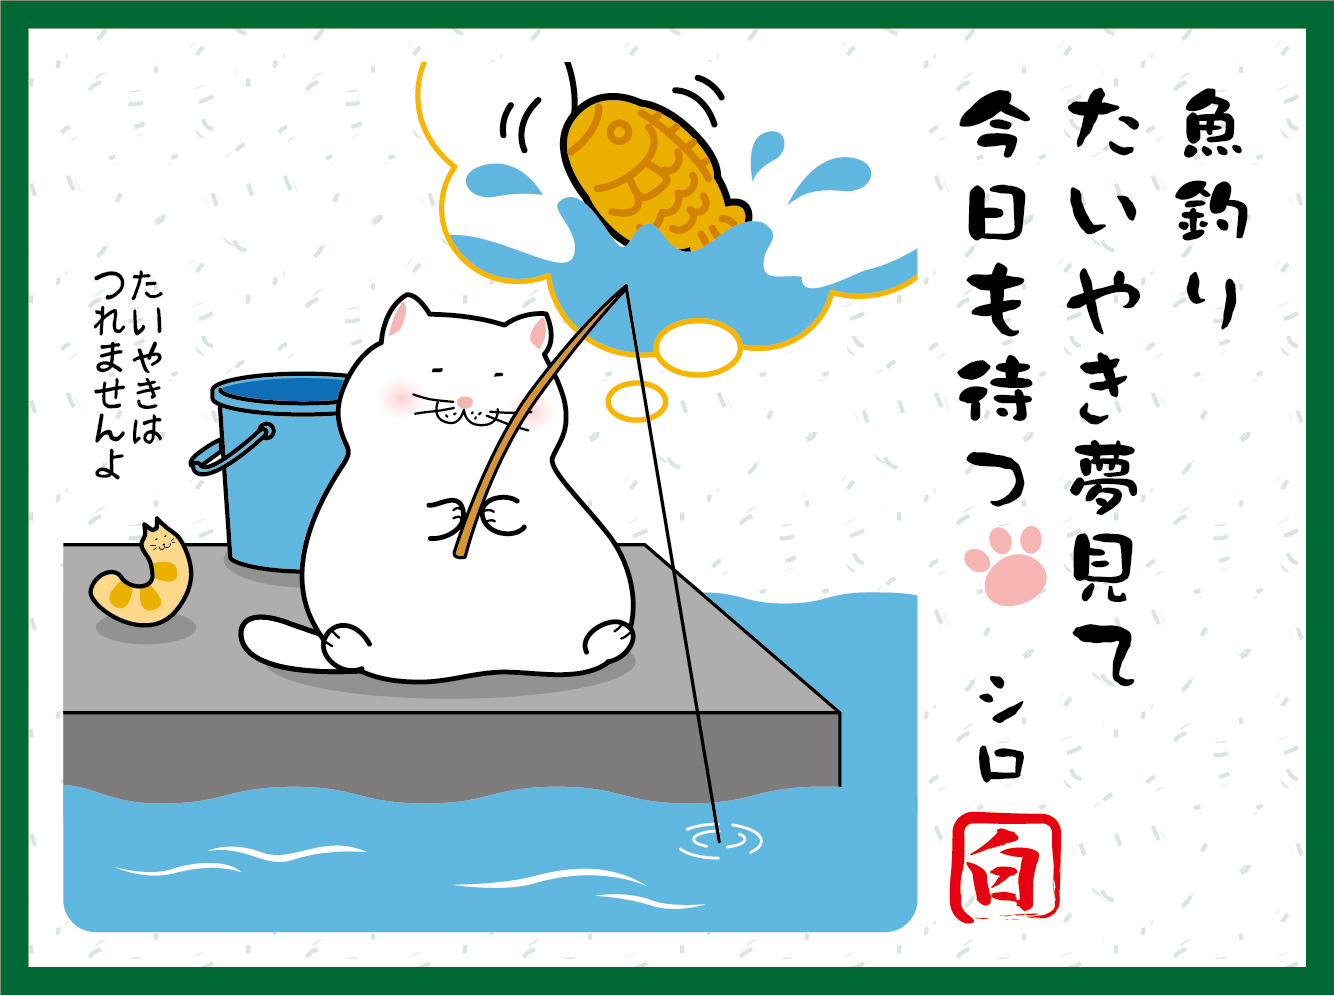 魚釣り たいやき夢見て 今日も待つ【でぶねこ川柳:受賞作品】